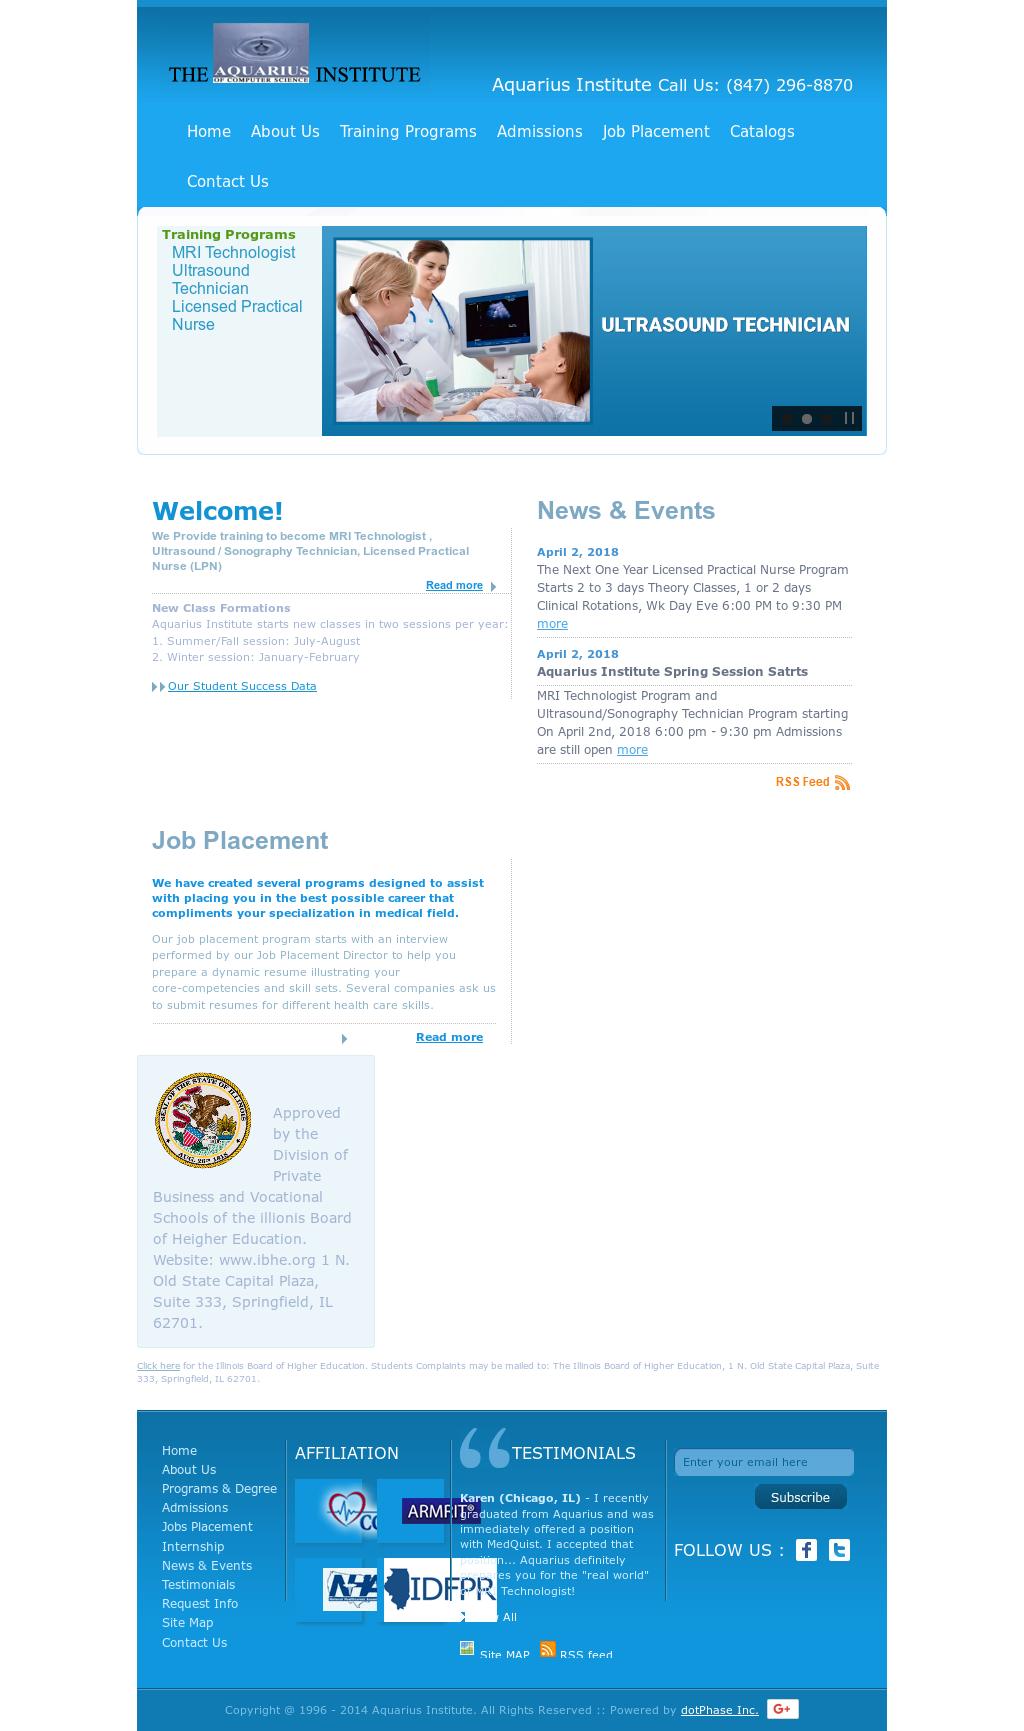 Aquarius Institute Competitors, Revenue and Employees - Owler